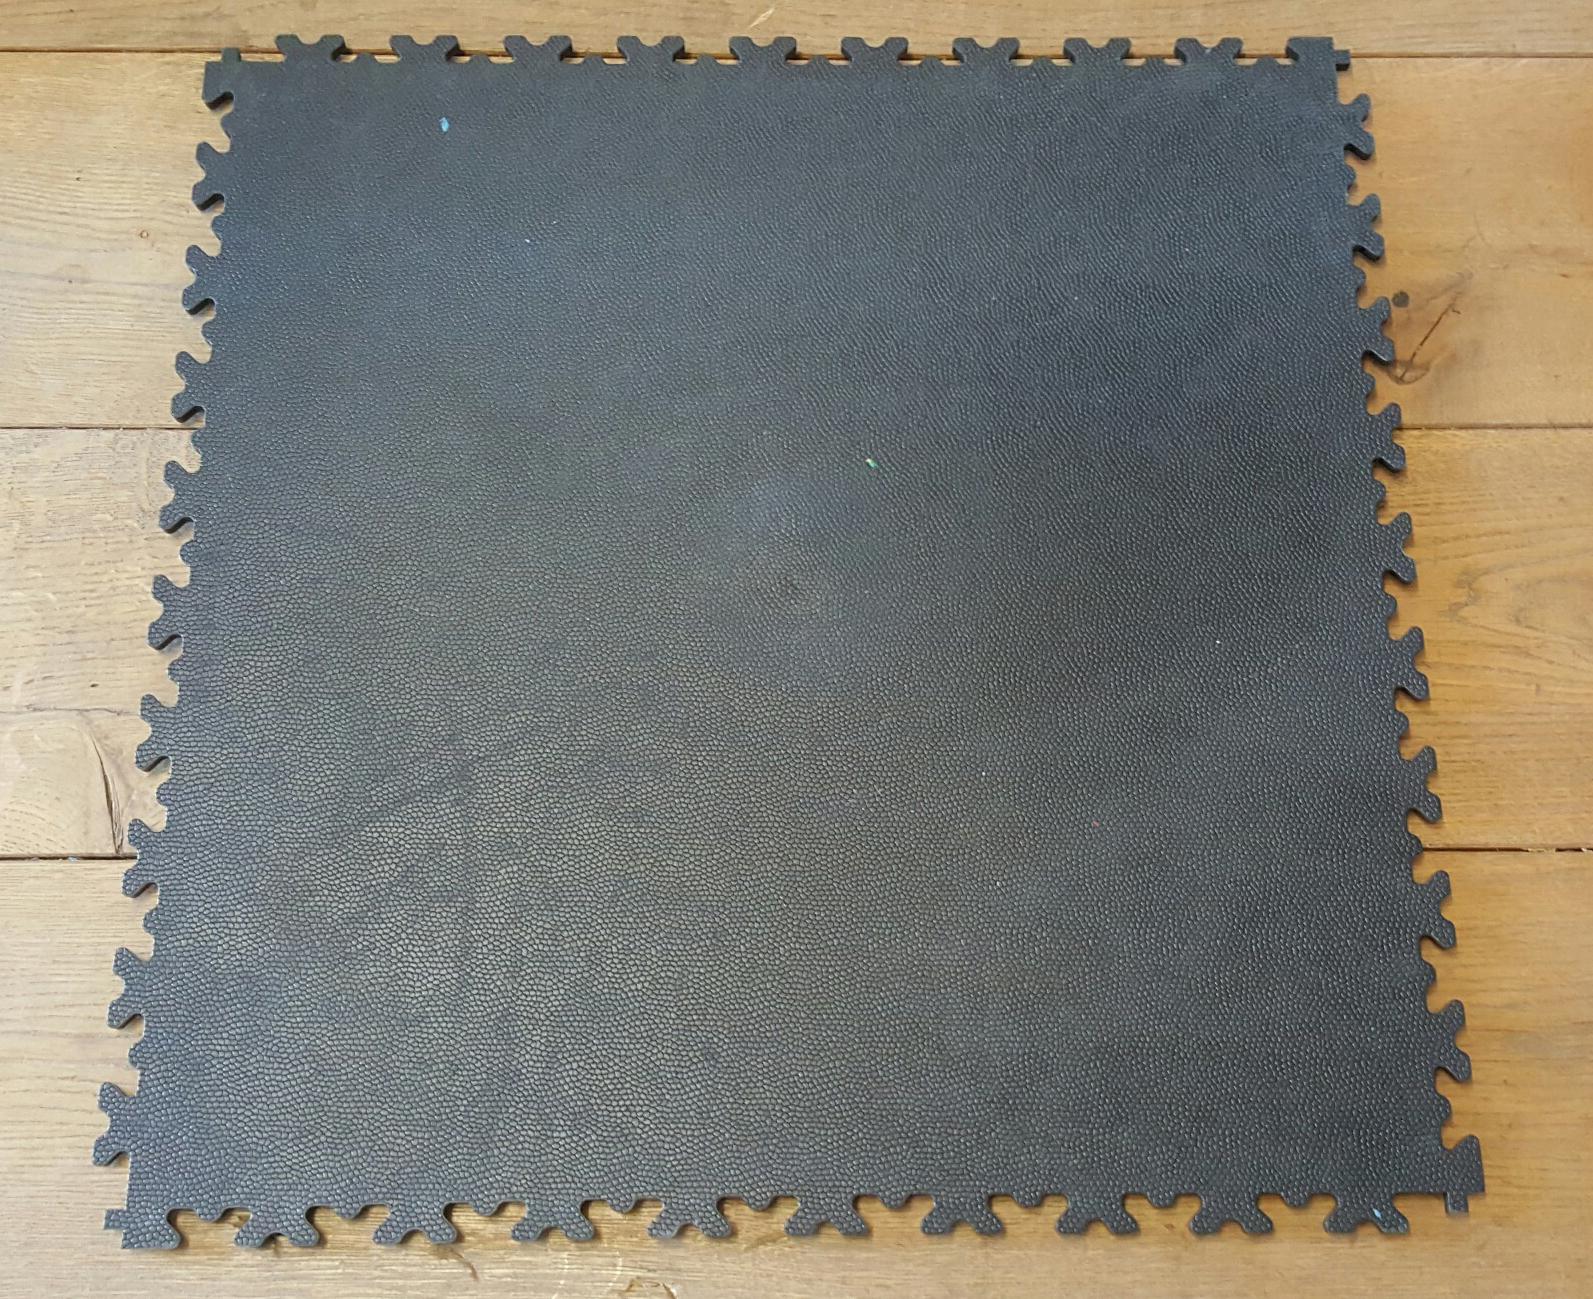 pvc fliesen f r garage werkstatt oder hallen nun auch in neuer optik verf gbar werkstatt. Black Bedroom Furniture Sets. Home Design Ideas